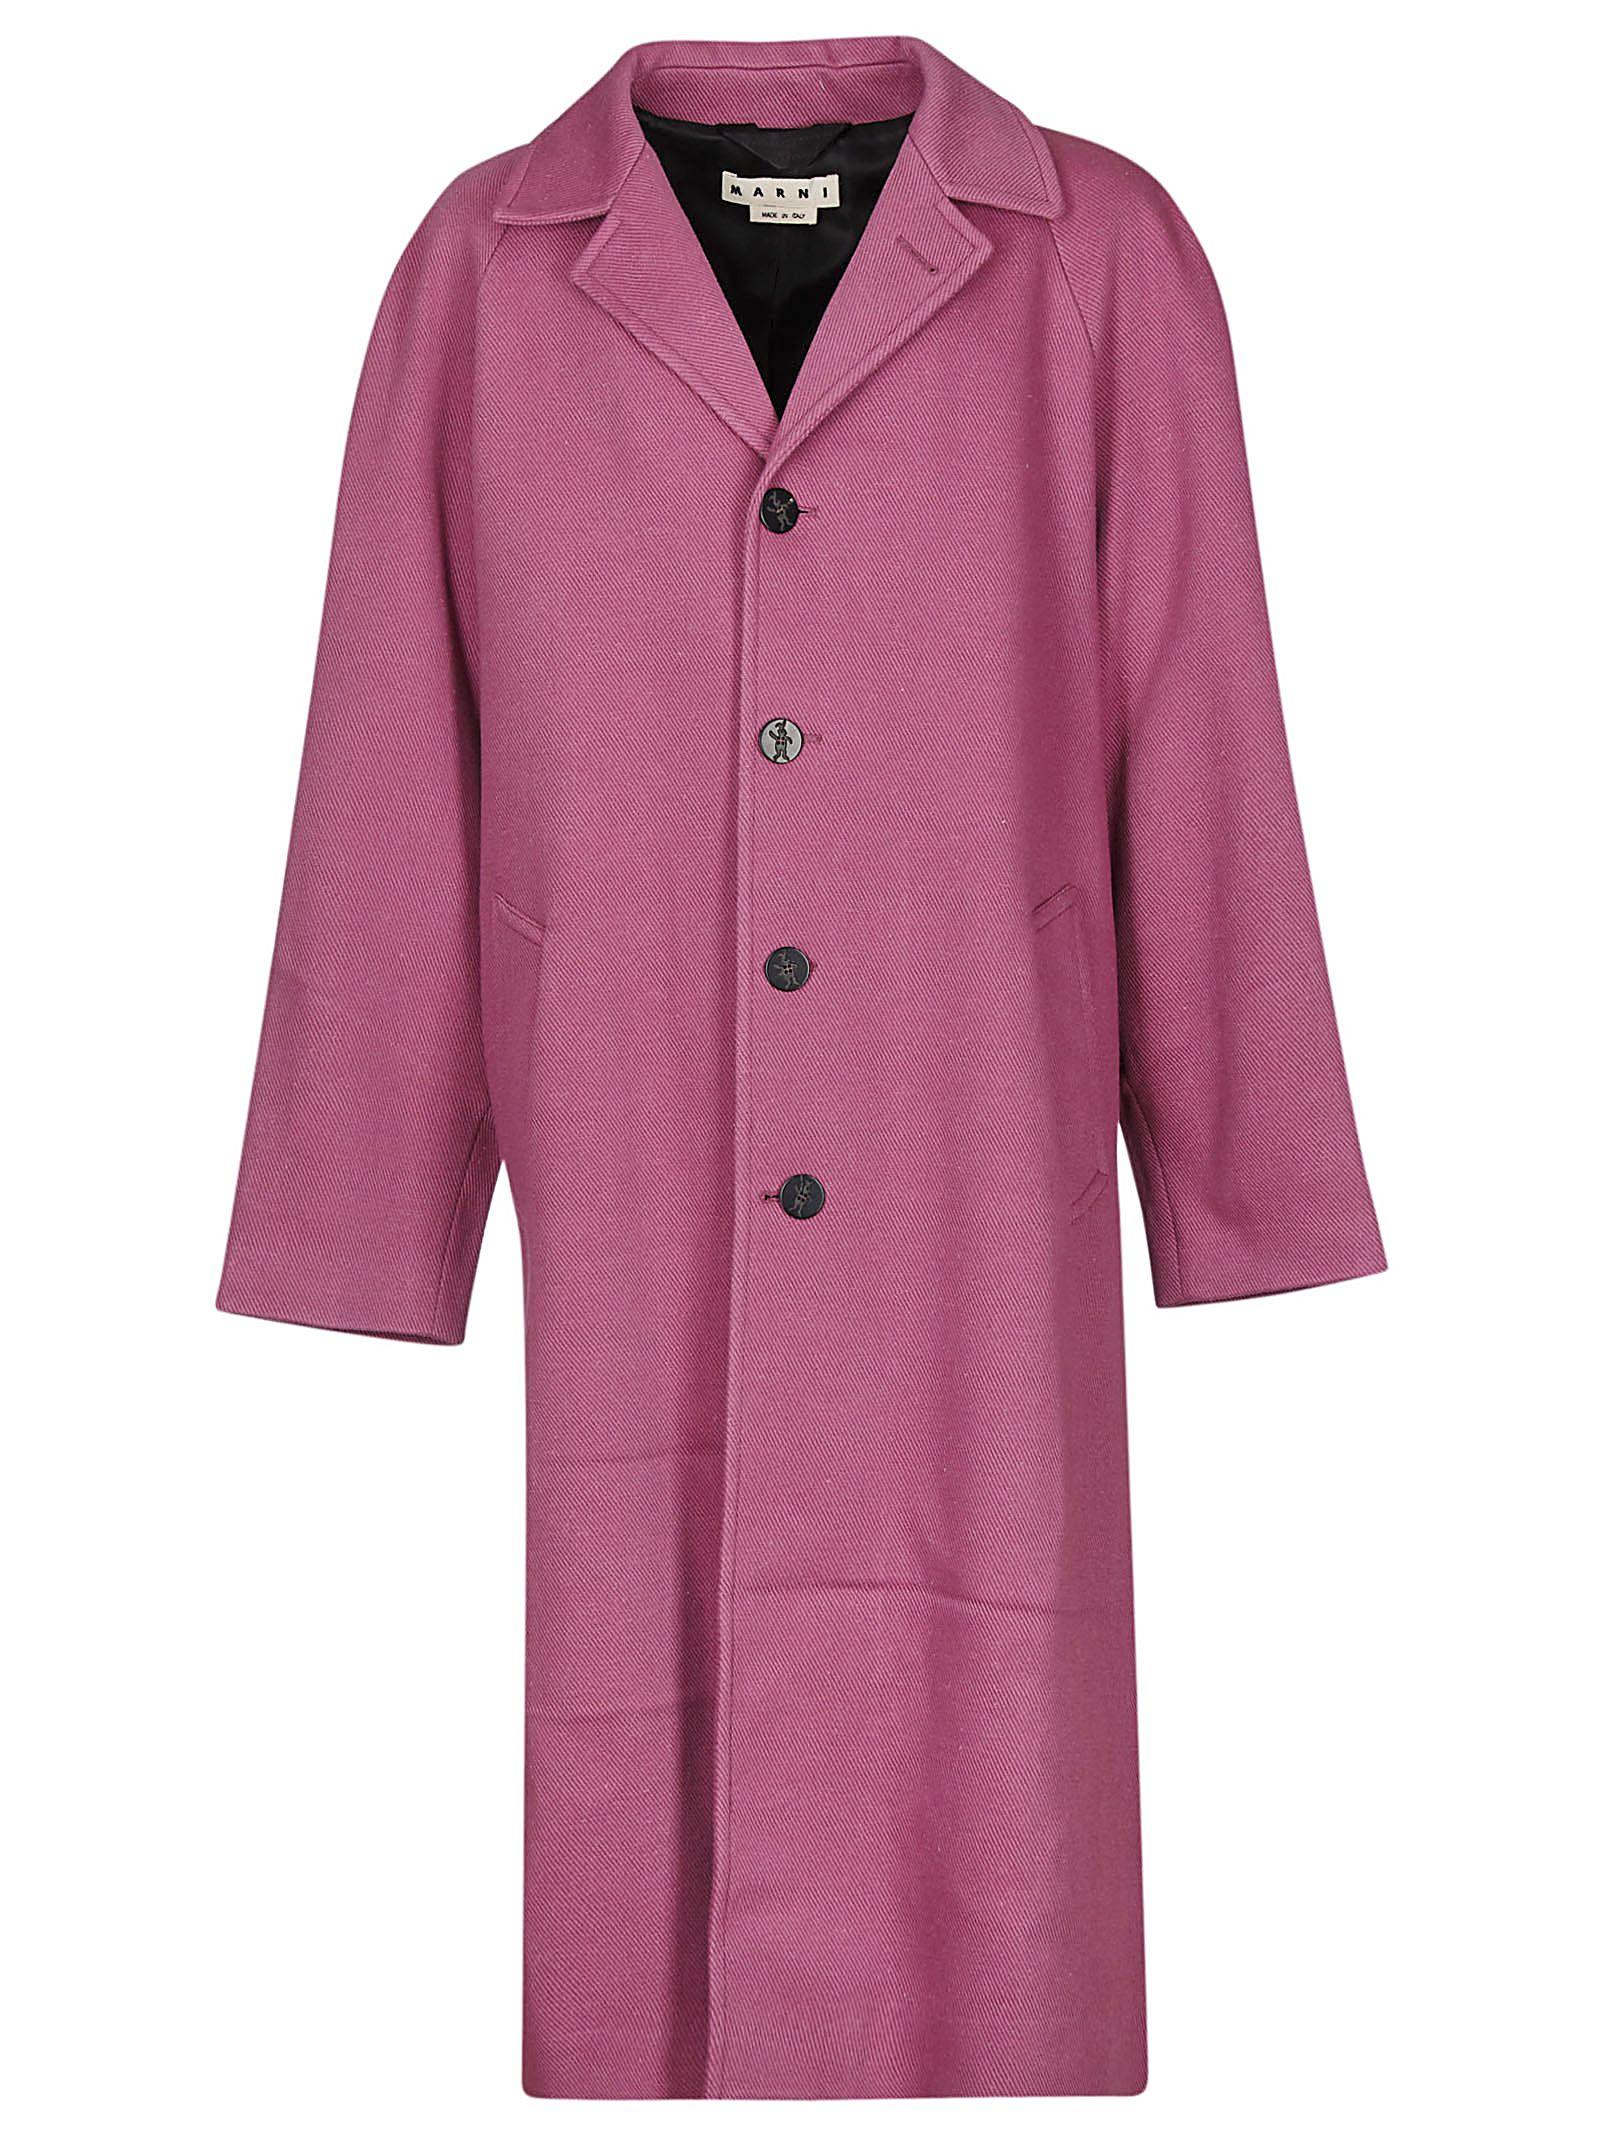 MARNI Buttoned Coat, Viola